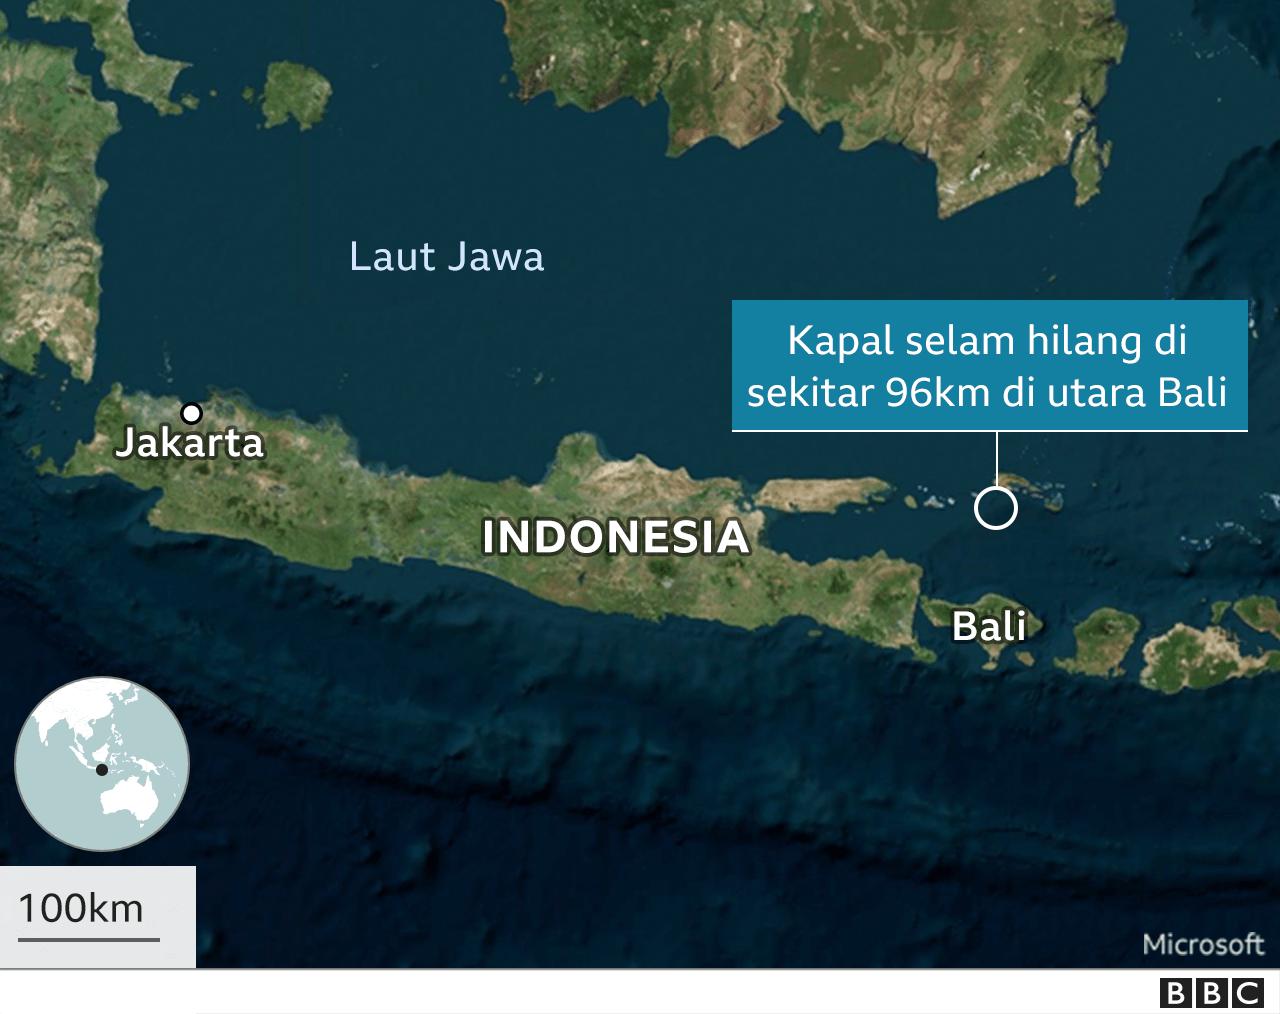 Peta lokasi hilangnya kapal selam.